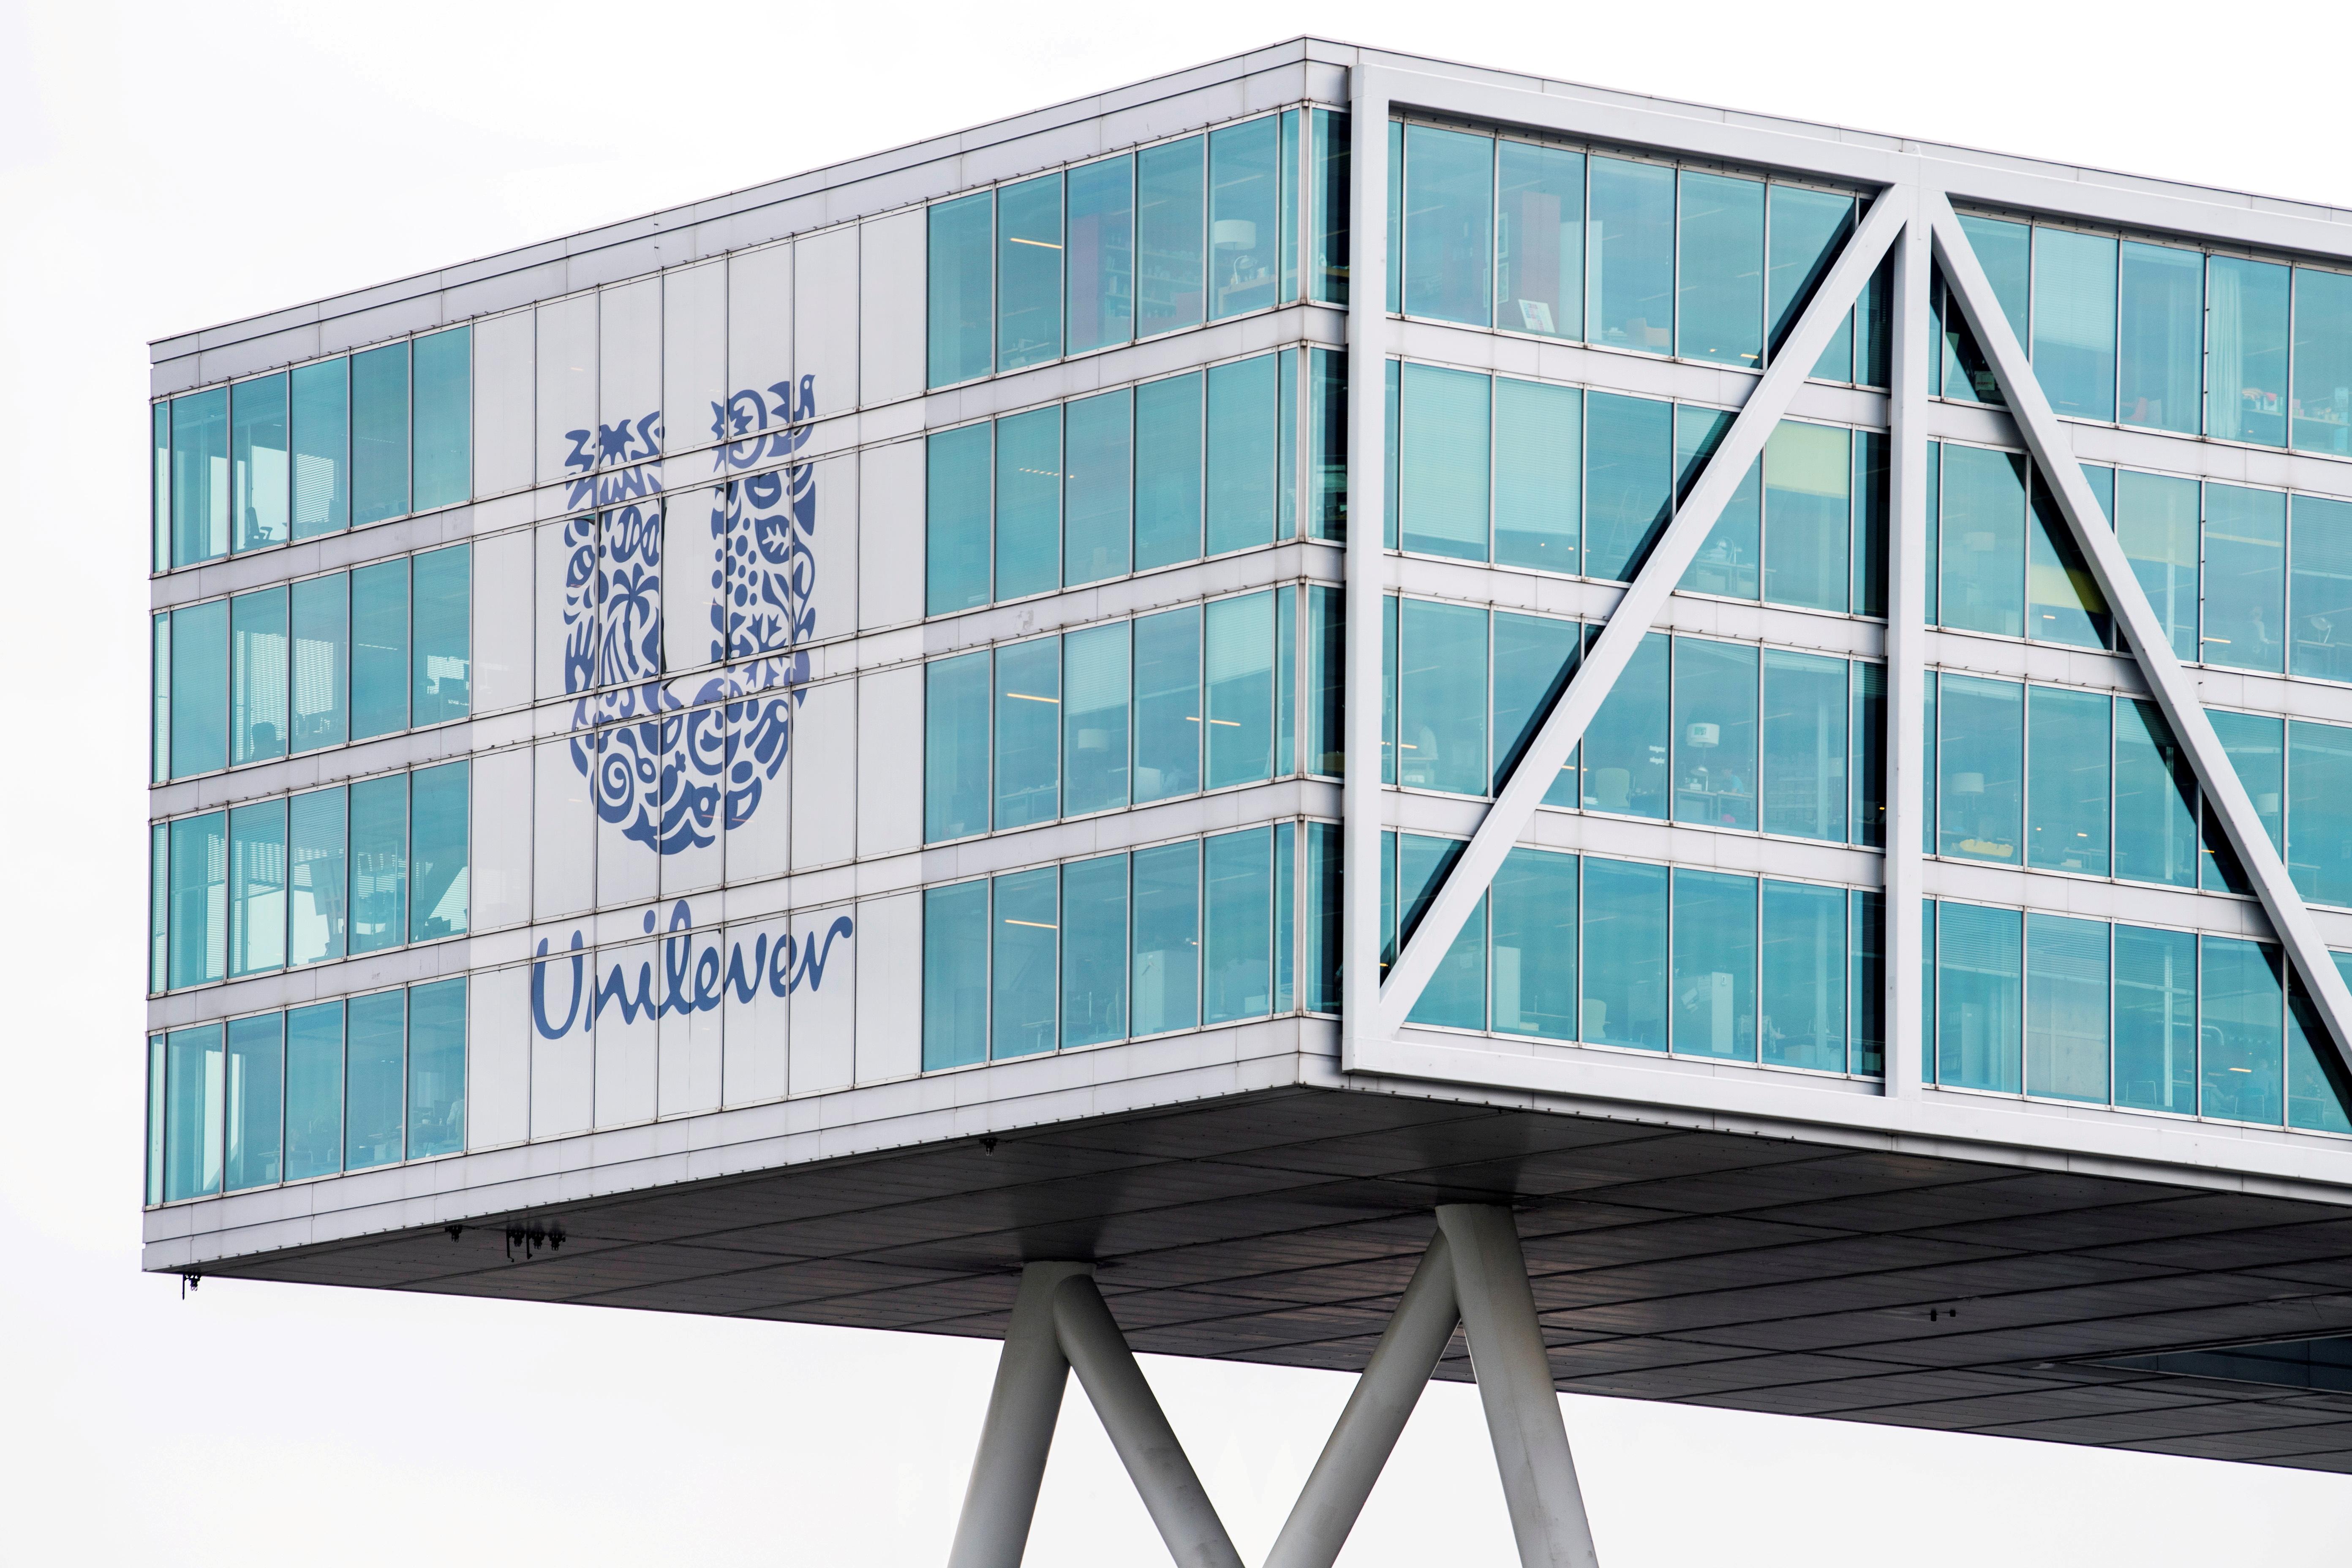 Unilever headquarters in Rotterdam, Netherlands August 21, 2018.   REUTERS/Piroschka van de Wouw